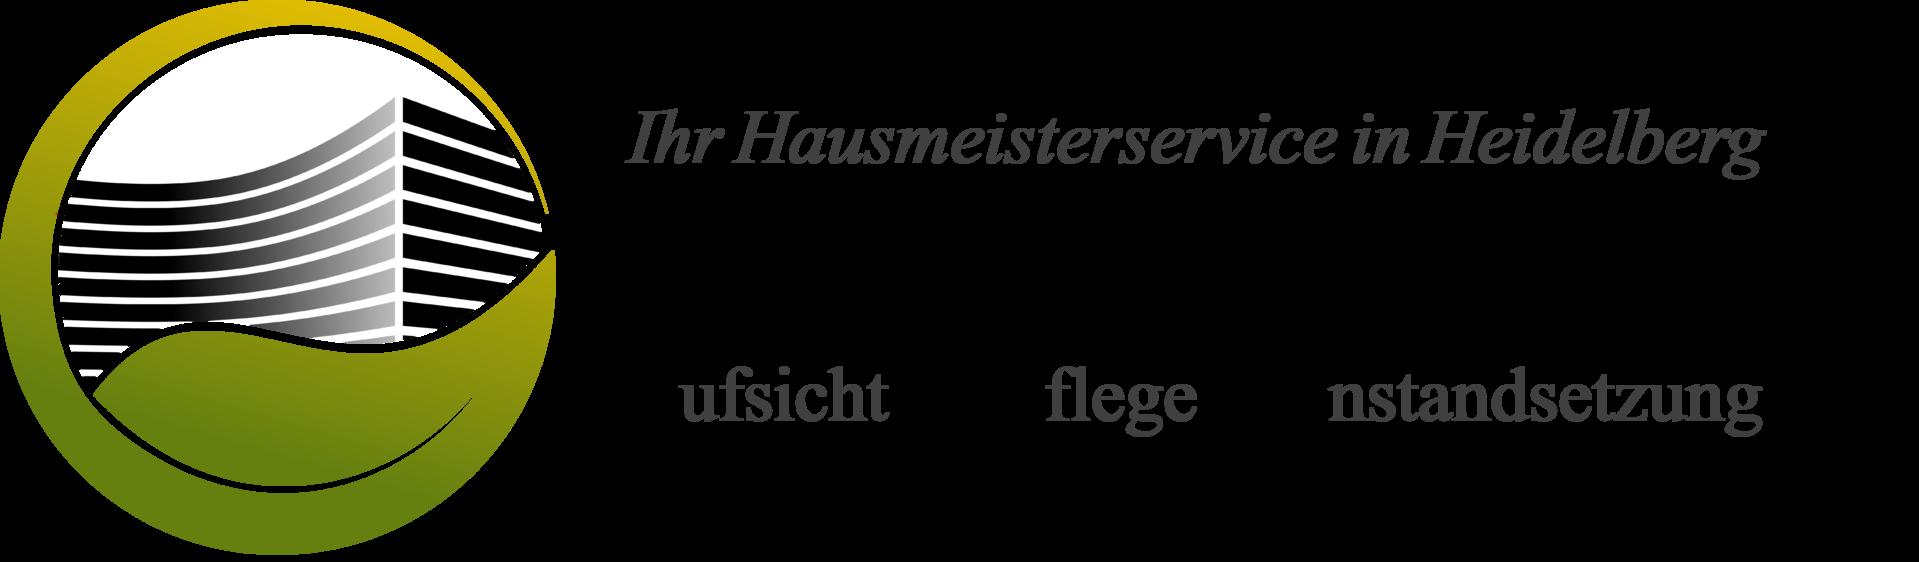 Api-Hausmeister Eszenyi Csaba - Ihr Hauswartservice in Heidelberg